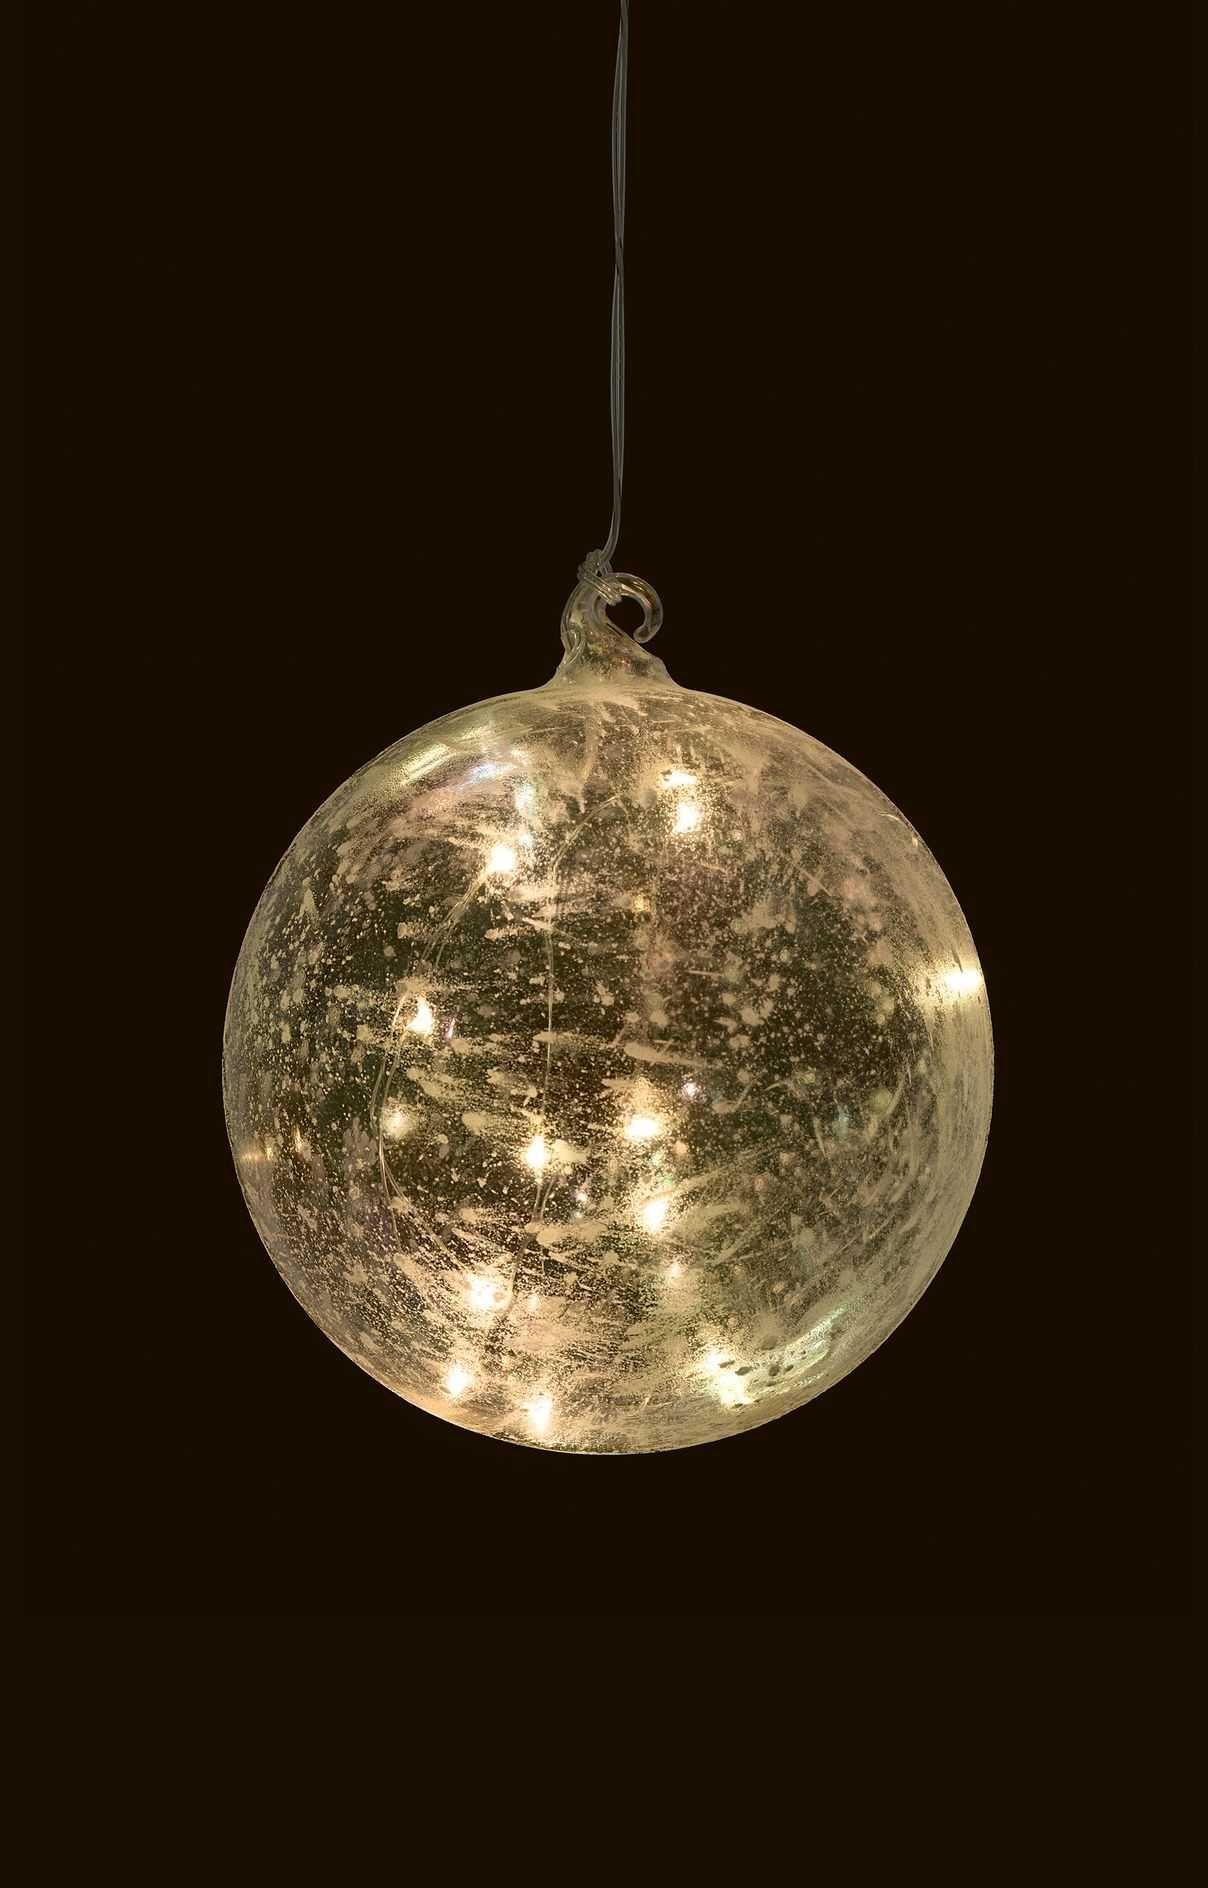 Leuchtmittel Weihnachtsbeleuchtung.Pin Von Georg Steinegger Auf Weihnachtsbeleuchtung